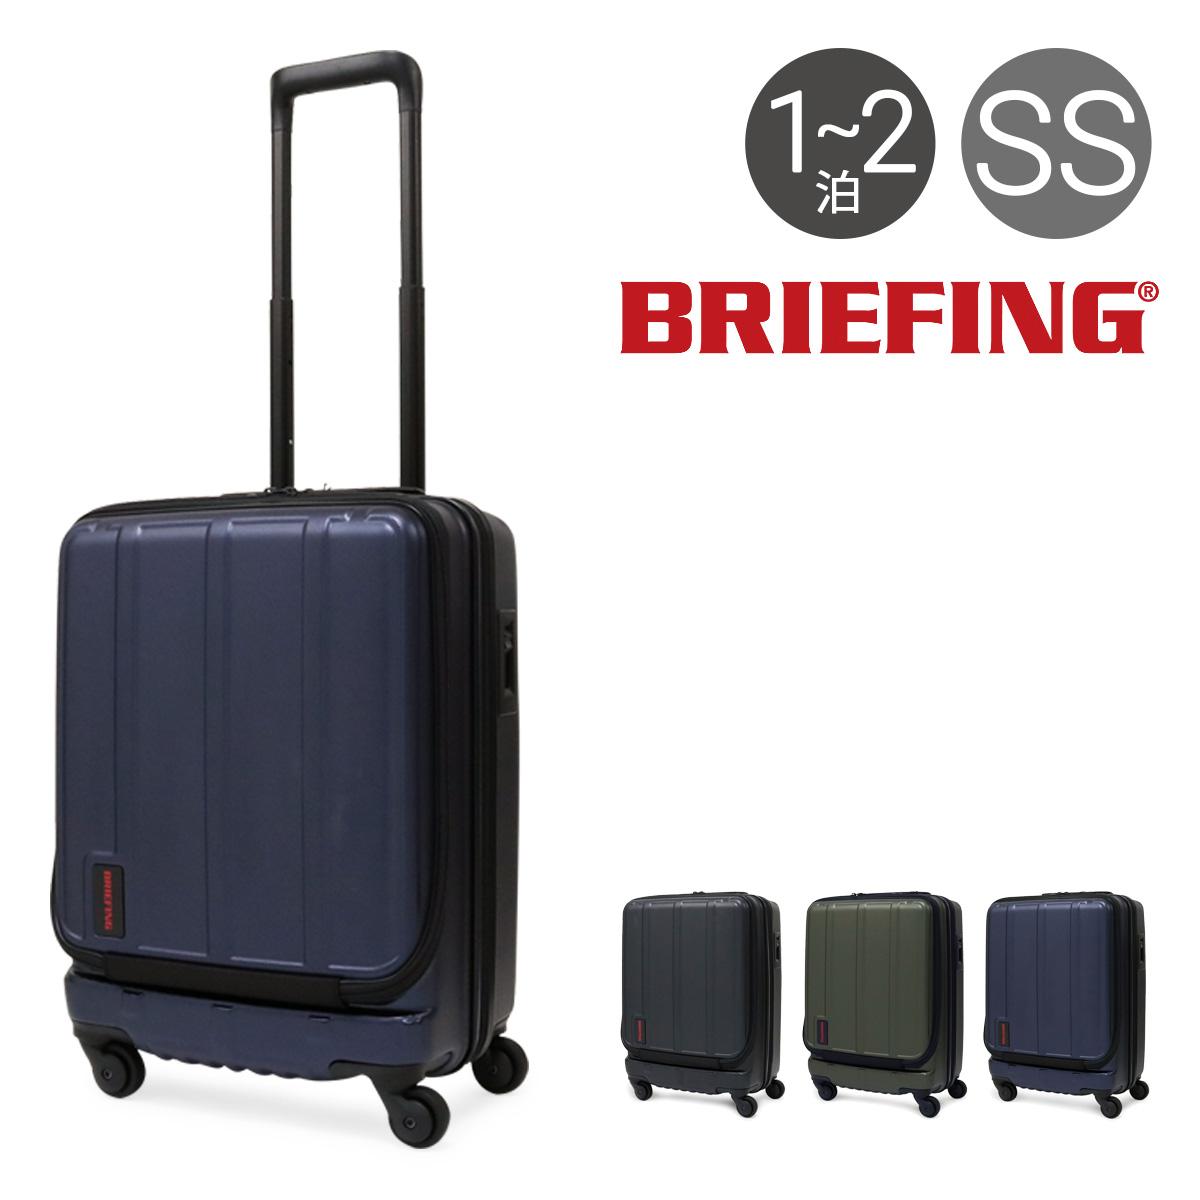 ブリーフィング スーツケース|34L 53cm 3.3kg BRF524219 H-34 F|フロントオープン ハード ファスナー TSAロック搭載 キャリーバッグ ビジネスキャリー [PO10][bef][即日発送]